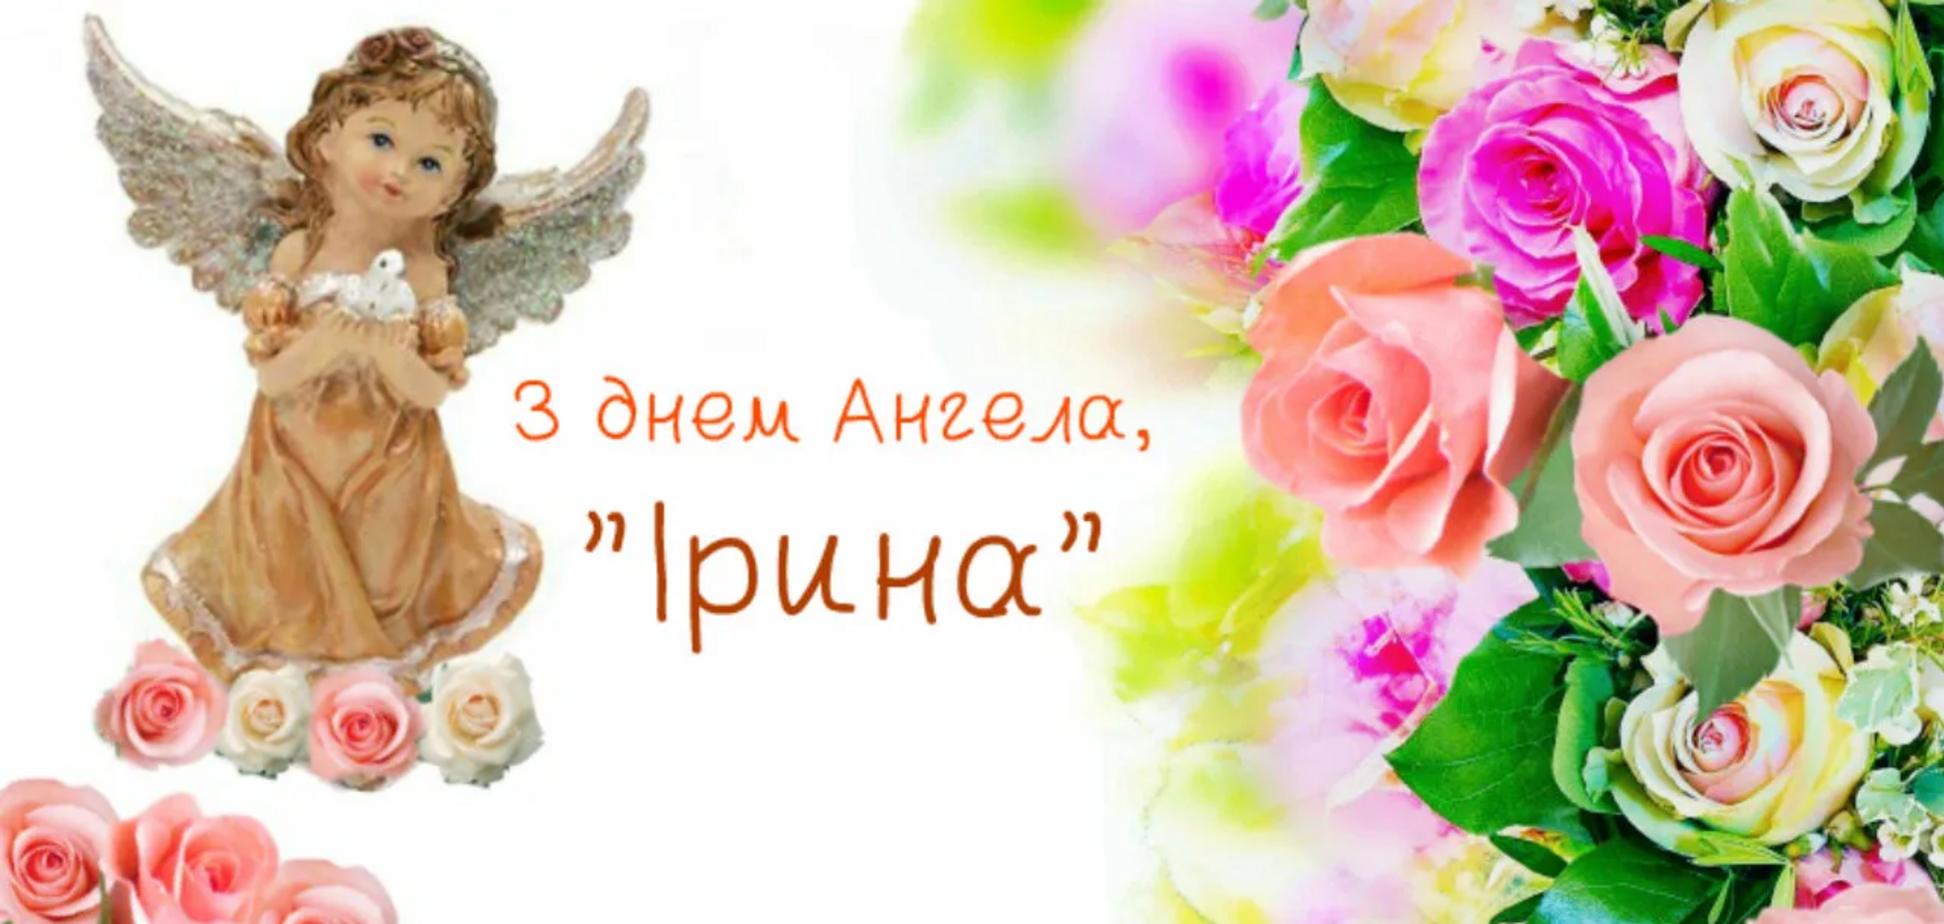 29 квітня шанують пам'ять християнської мучениці Ірини Аквілейської